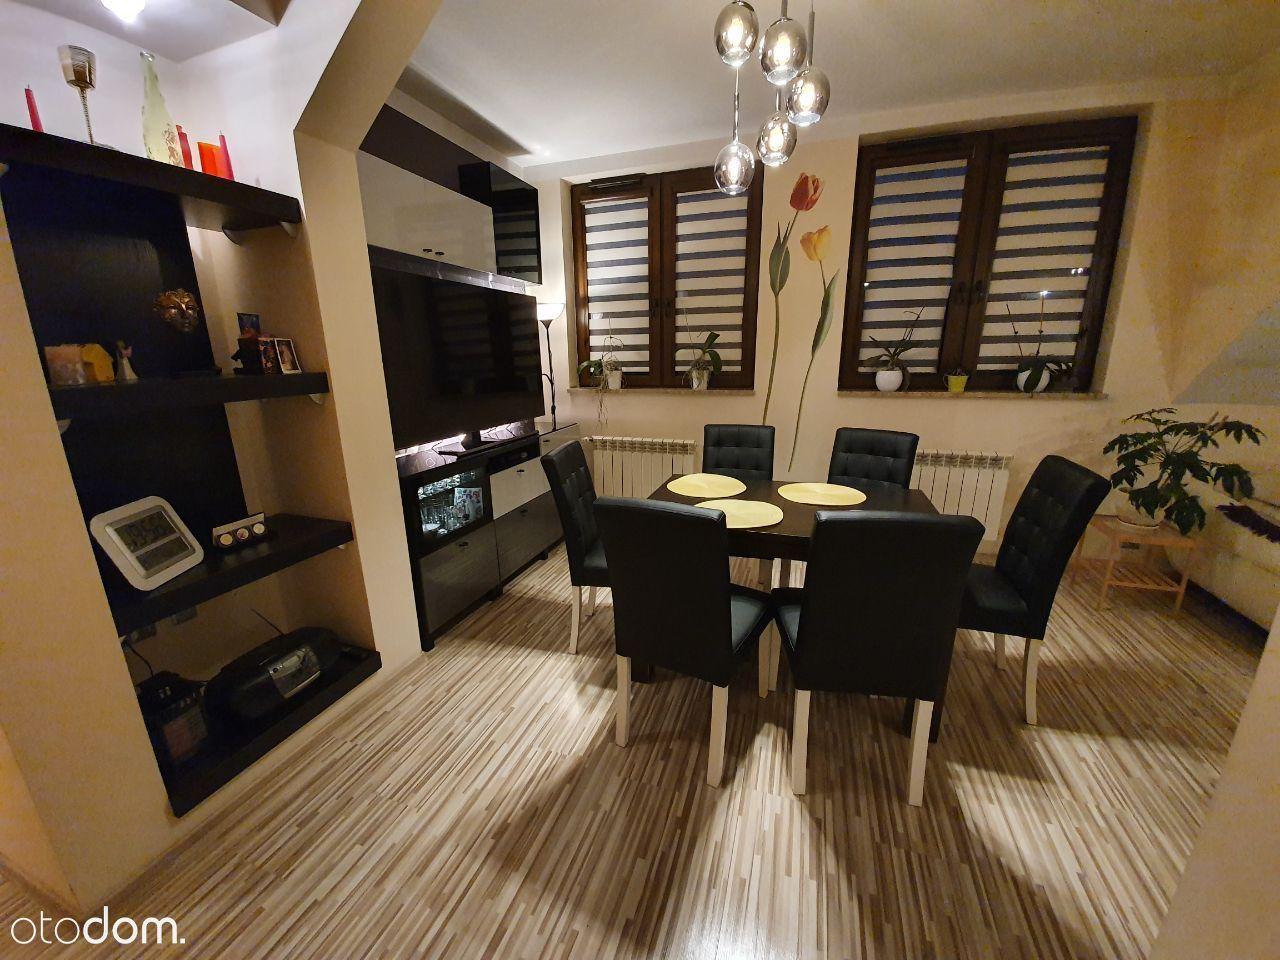 Mieszkanie, 4 pokoje, 2 łazienki, garderoba